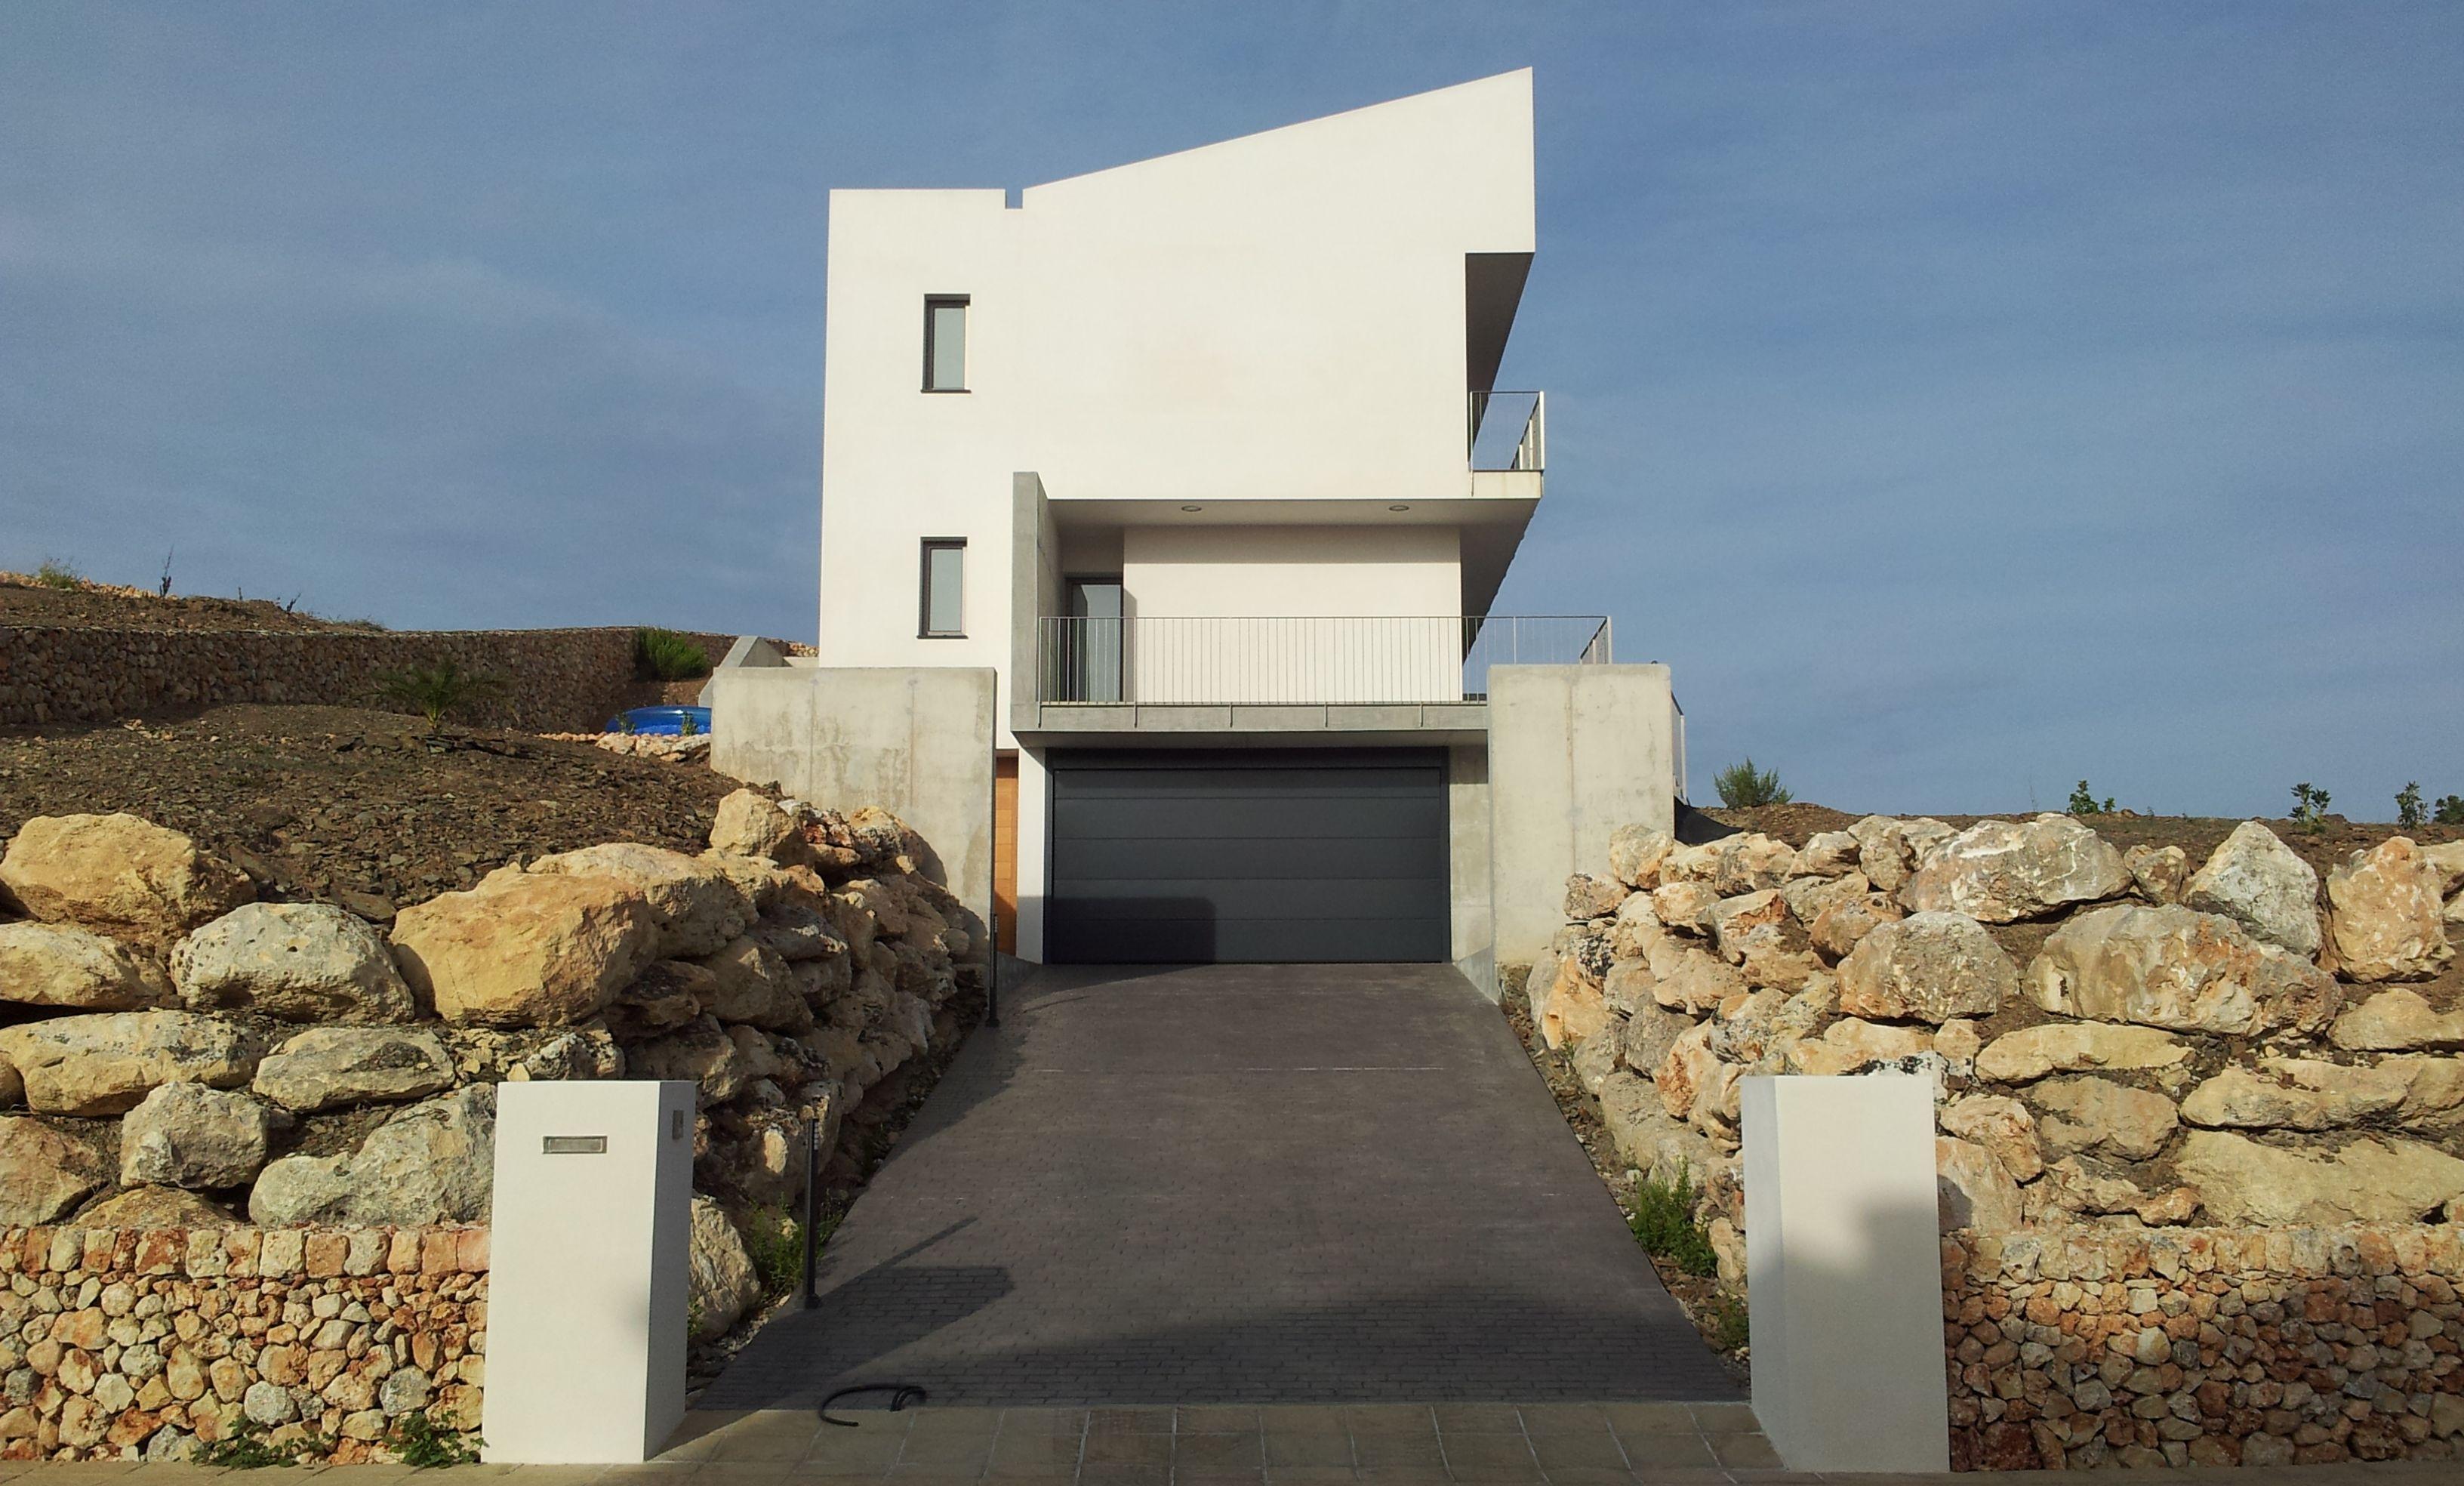 Ideas de #Casas de #Exterior, estilo #Contemporaneo diseñado por Toni Morlà Villalonga Arquitecto con #Fachada #Barandillas  #CajonDeIdeas